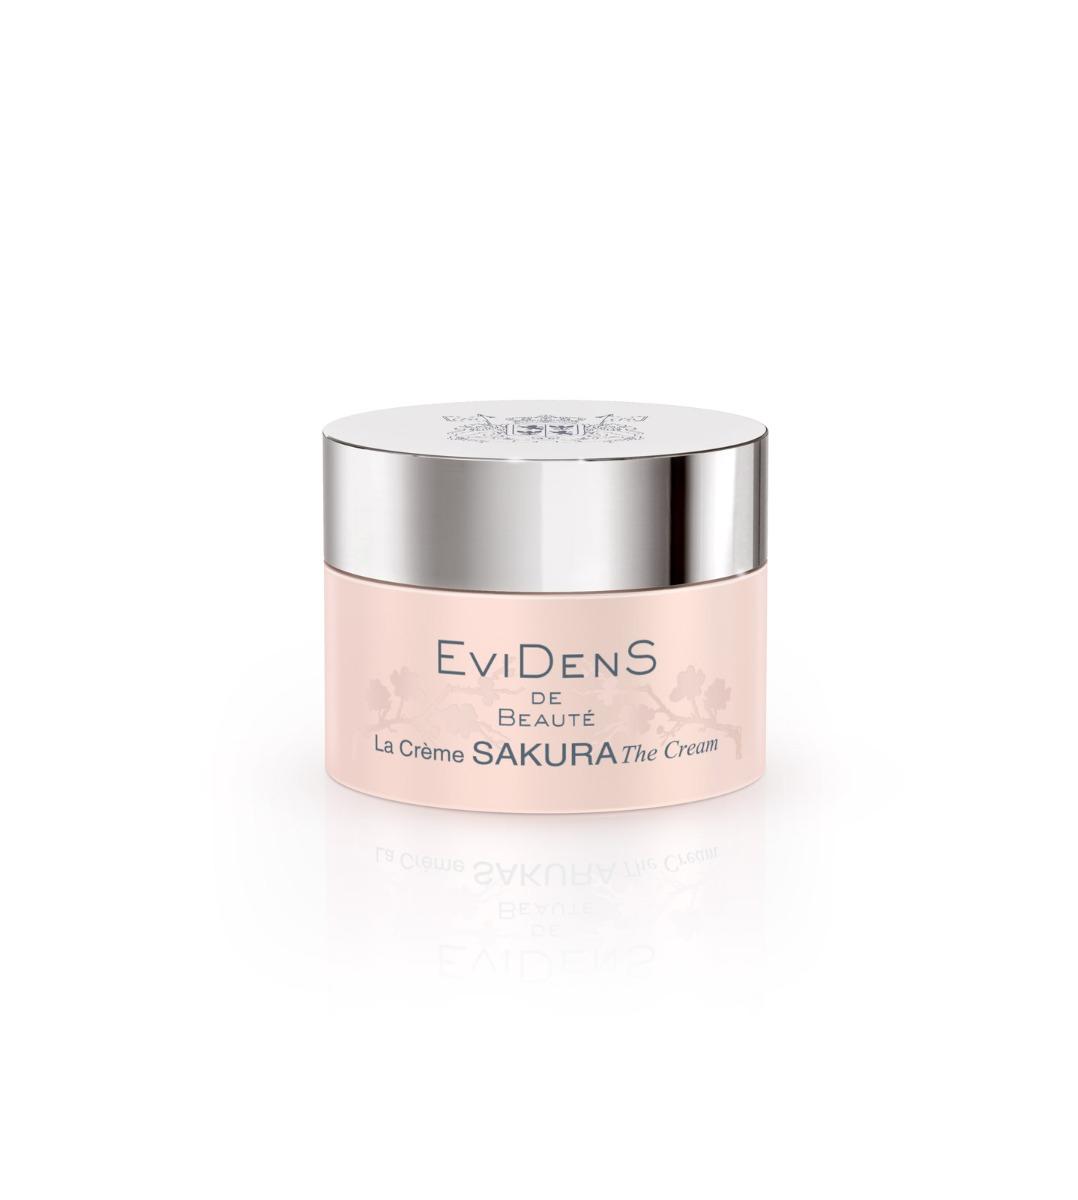 EviDenS de Beauté – The Sakura Saho -  Cream – 50 ml